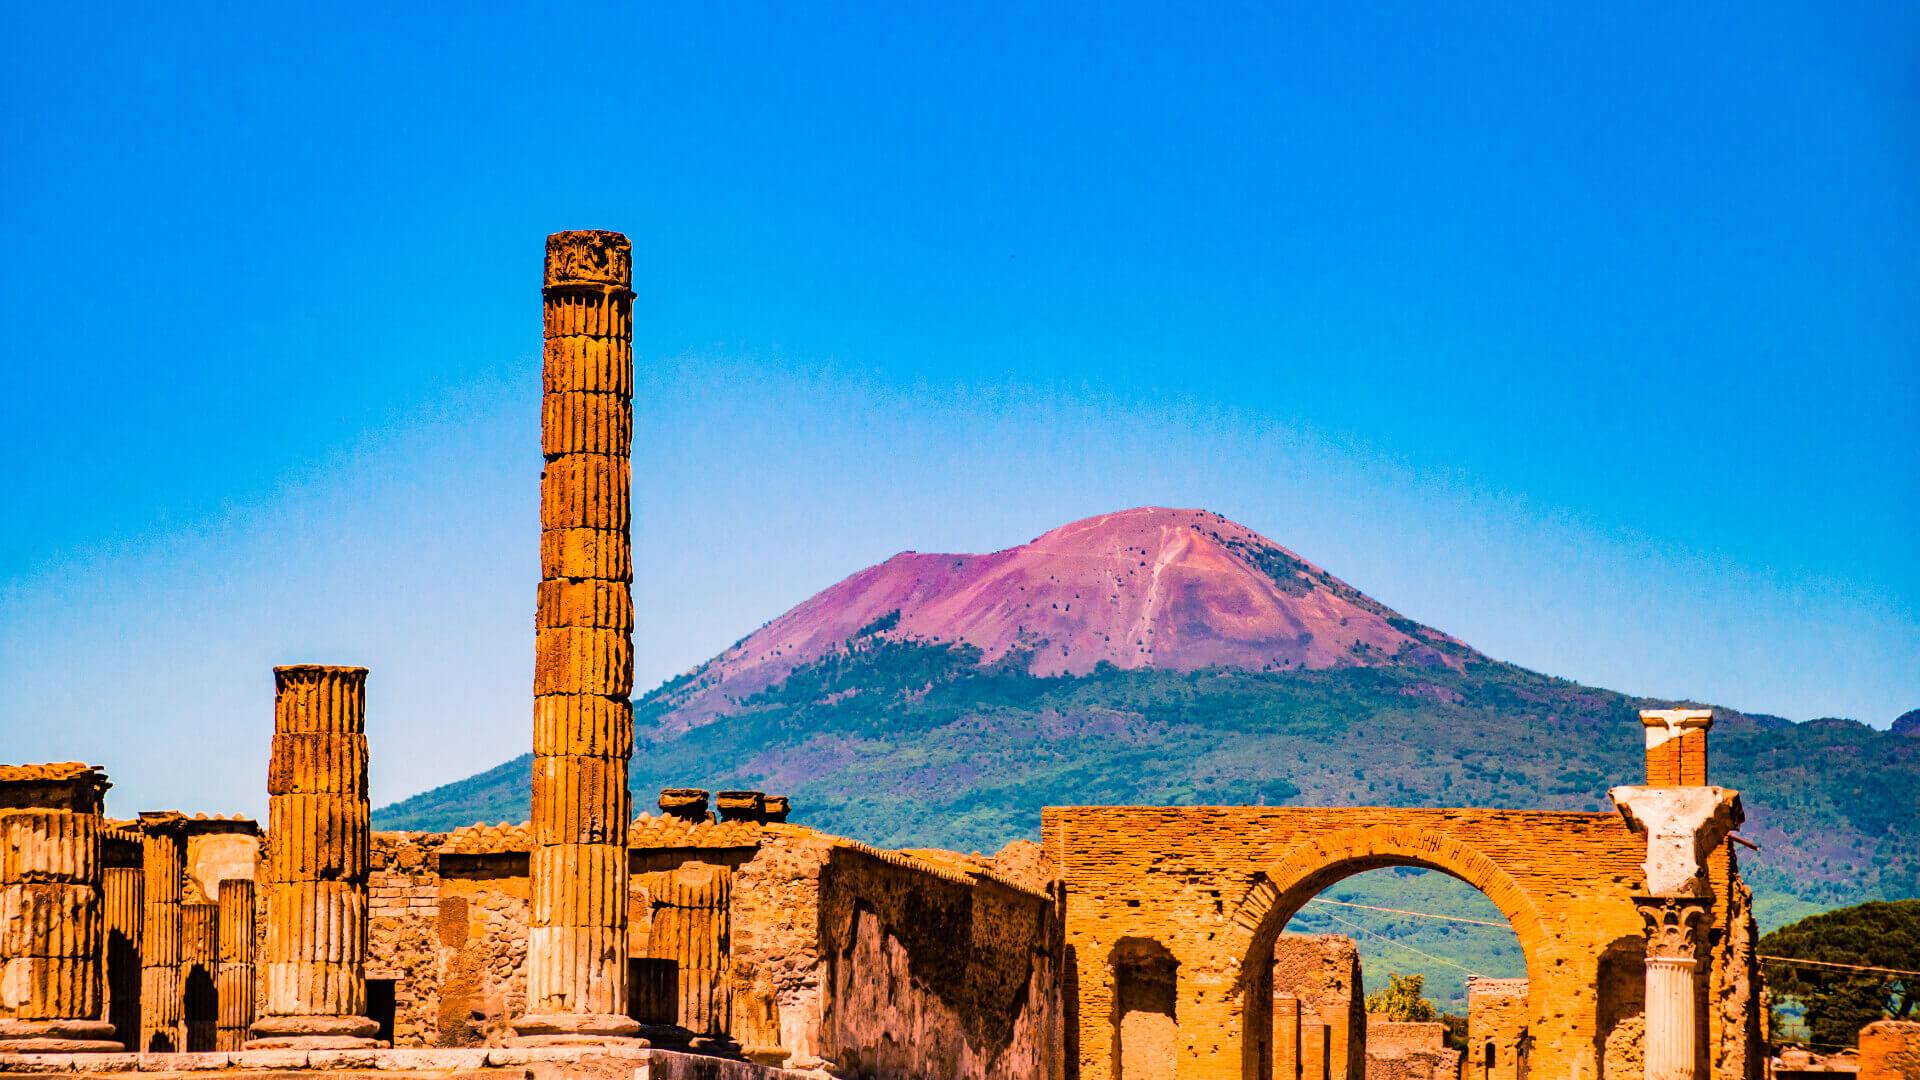 Kıyameti Yüzlerce Yıl Önce Yaşayan Şehir; Pompeii